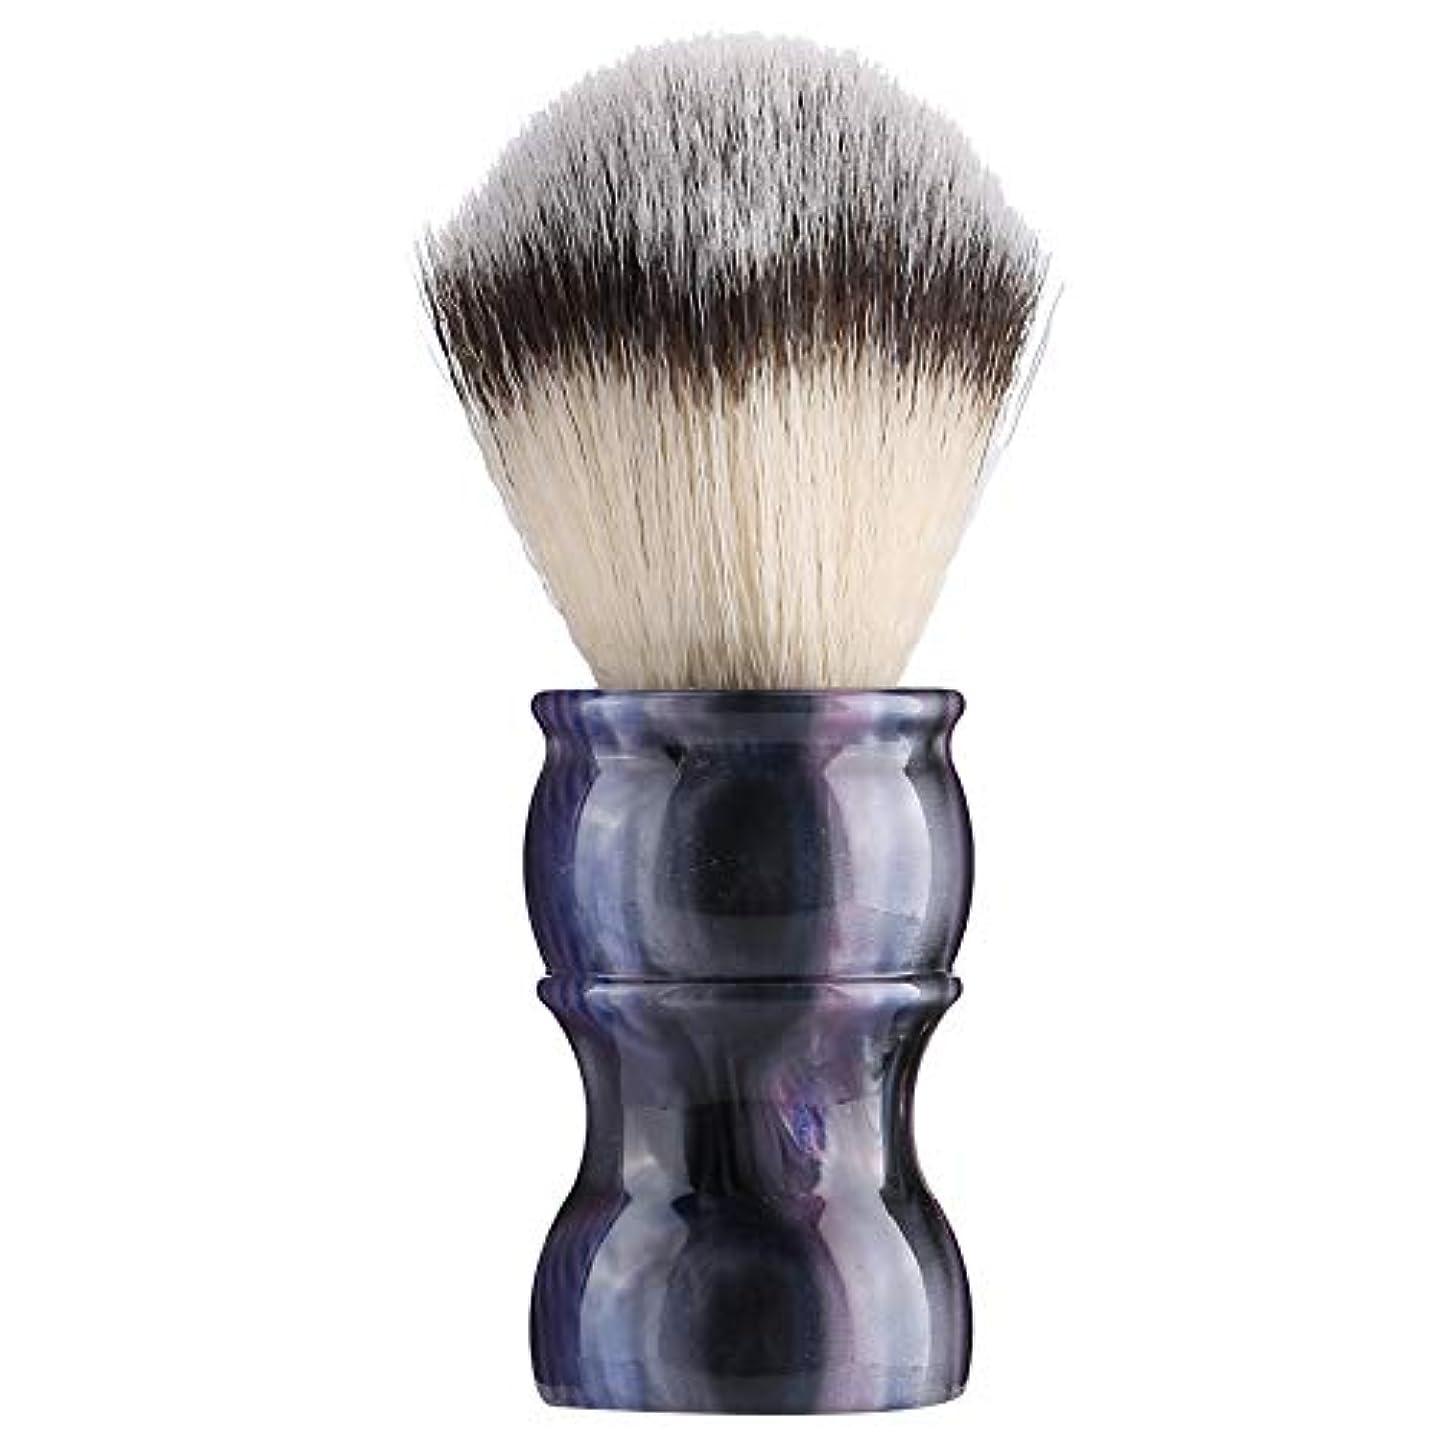 歩行者報奨金花嫁専門の手動ひげの剃るブラシ、密集したナイロン毛のきれいな人の口ひげのブラシ家および旅行のための携帯用メンズひげのブラシ(#6)